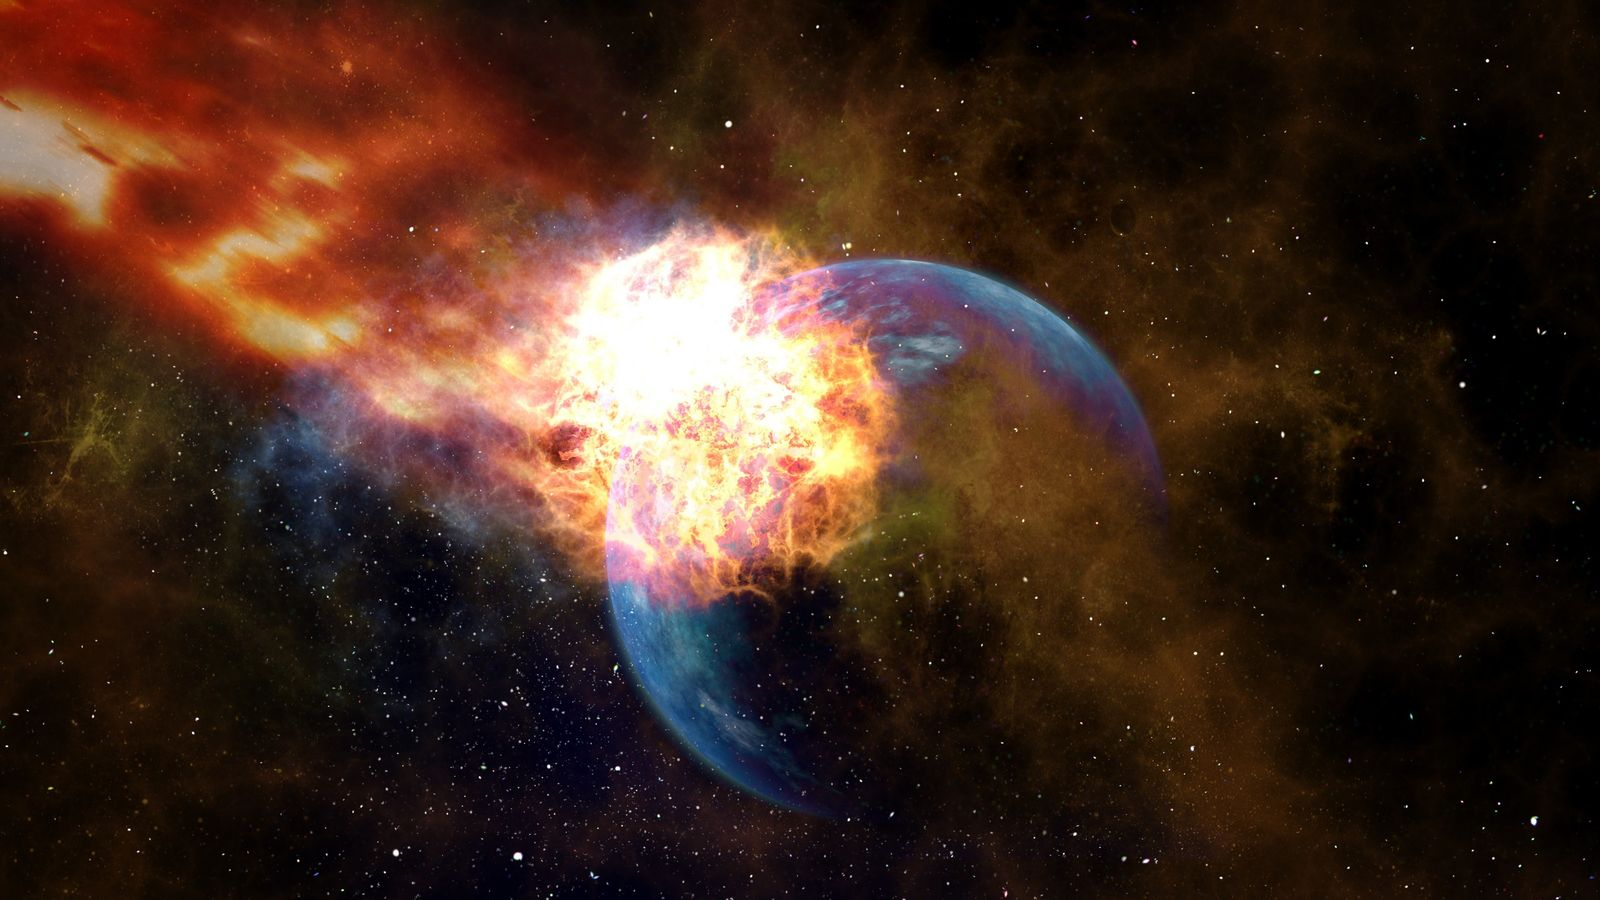 Vue d'artiste d'un impact d'astéroïde sur Terre.